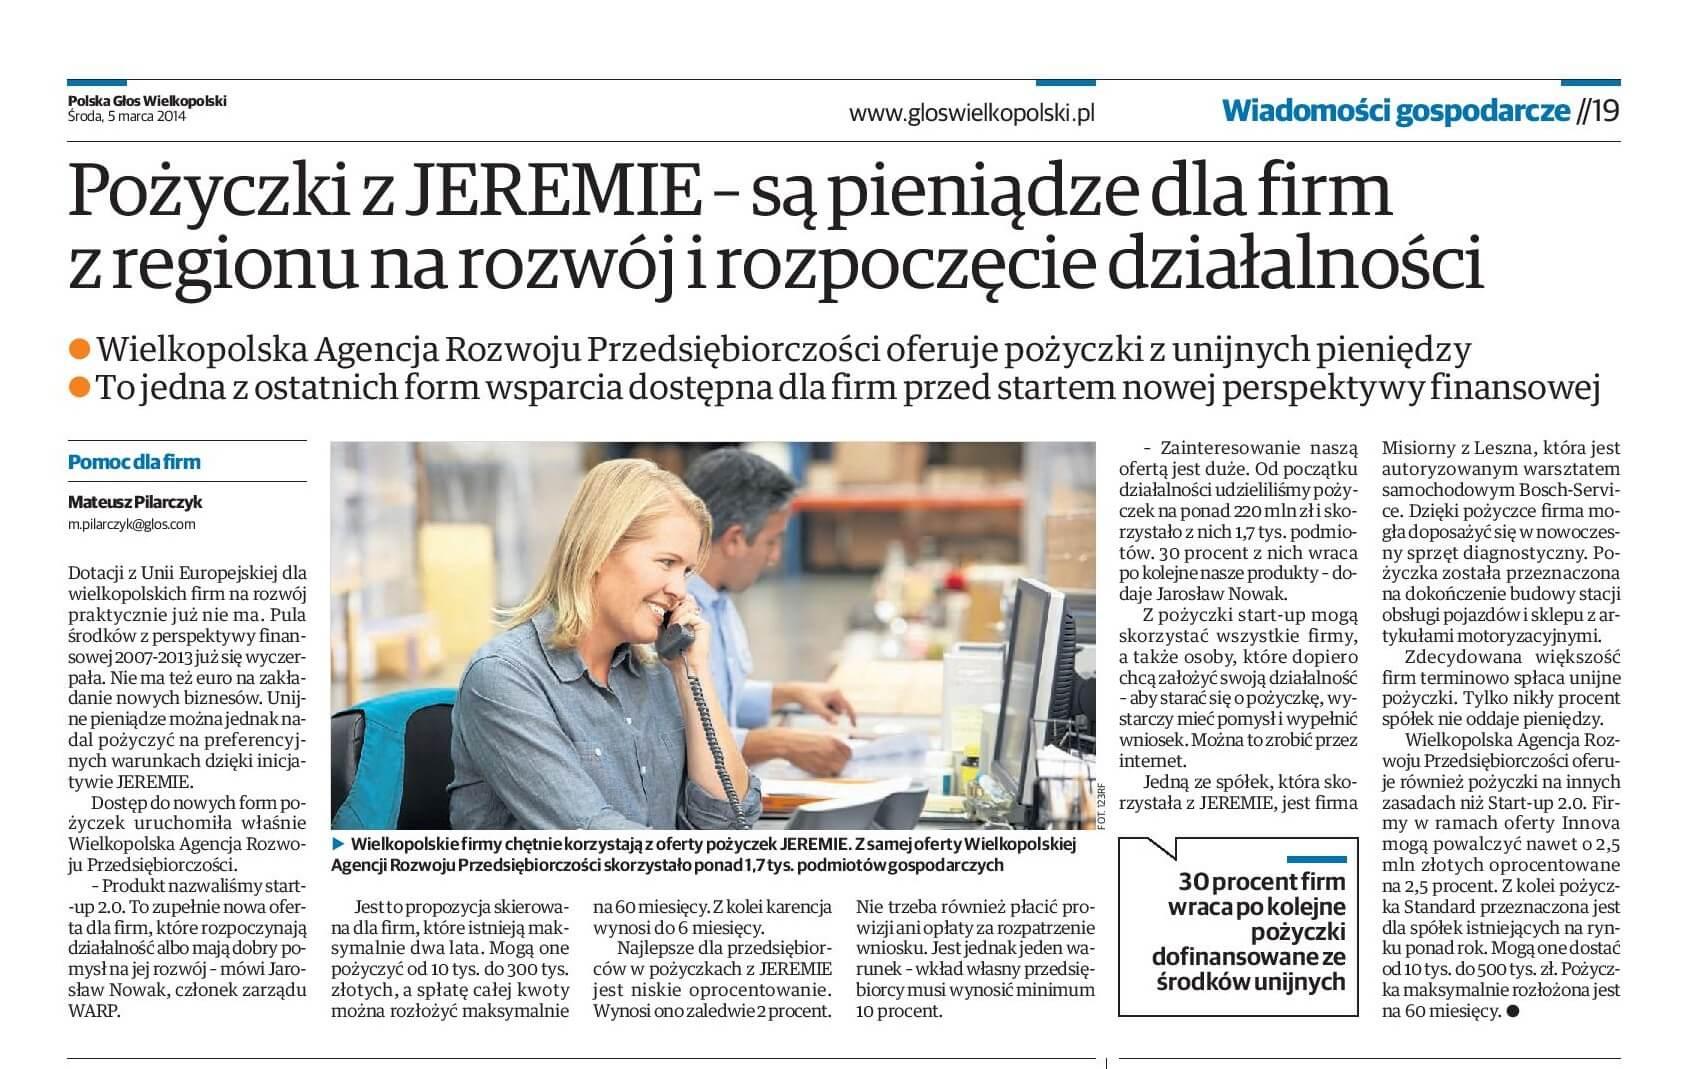 Glos Wielkopolski 05 03 2014 19-page-001